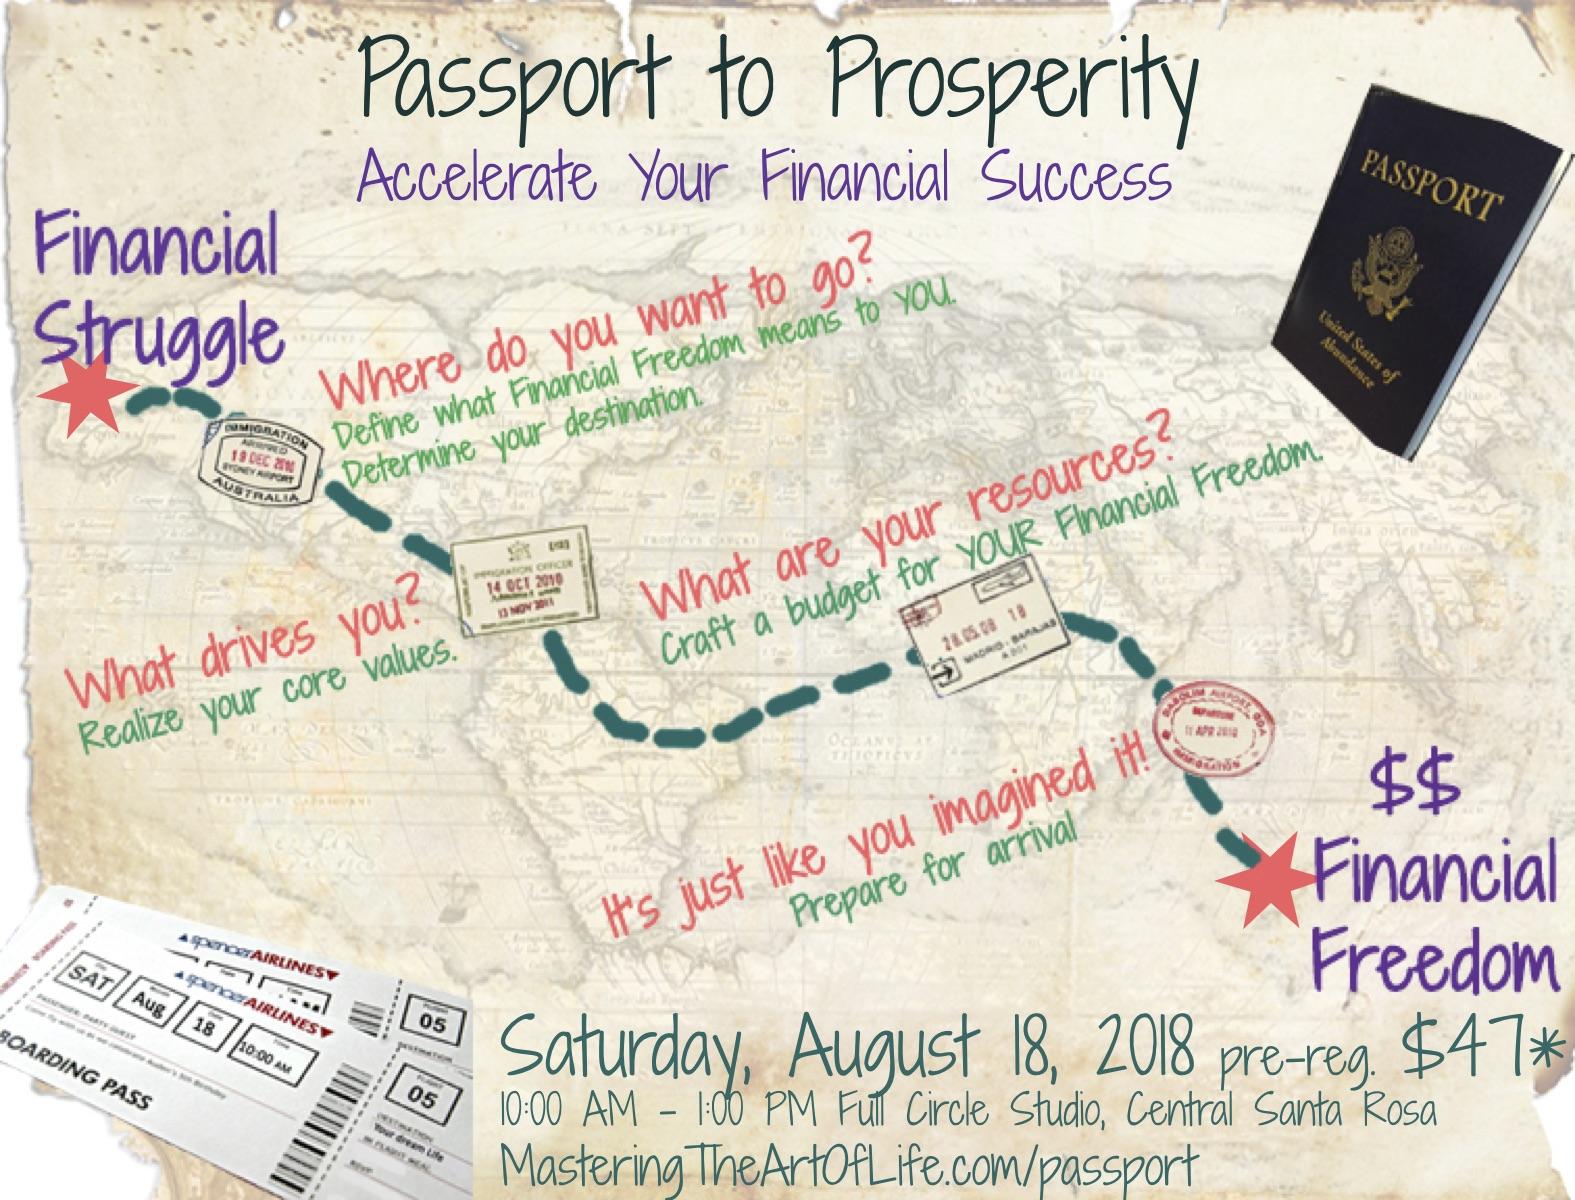 2018 Passport2Prosperity-flyerCC